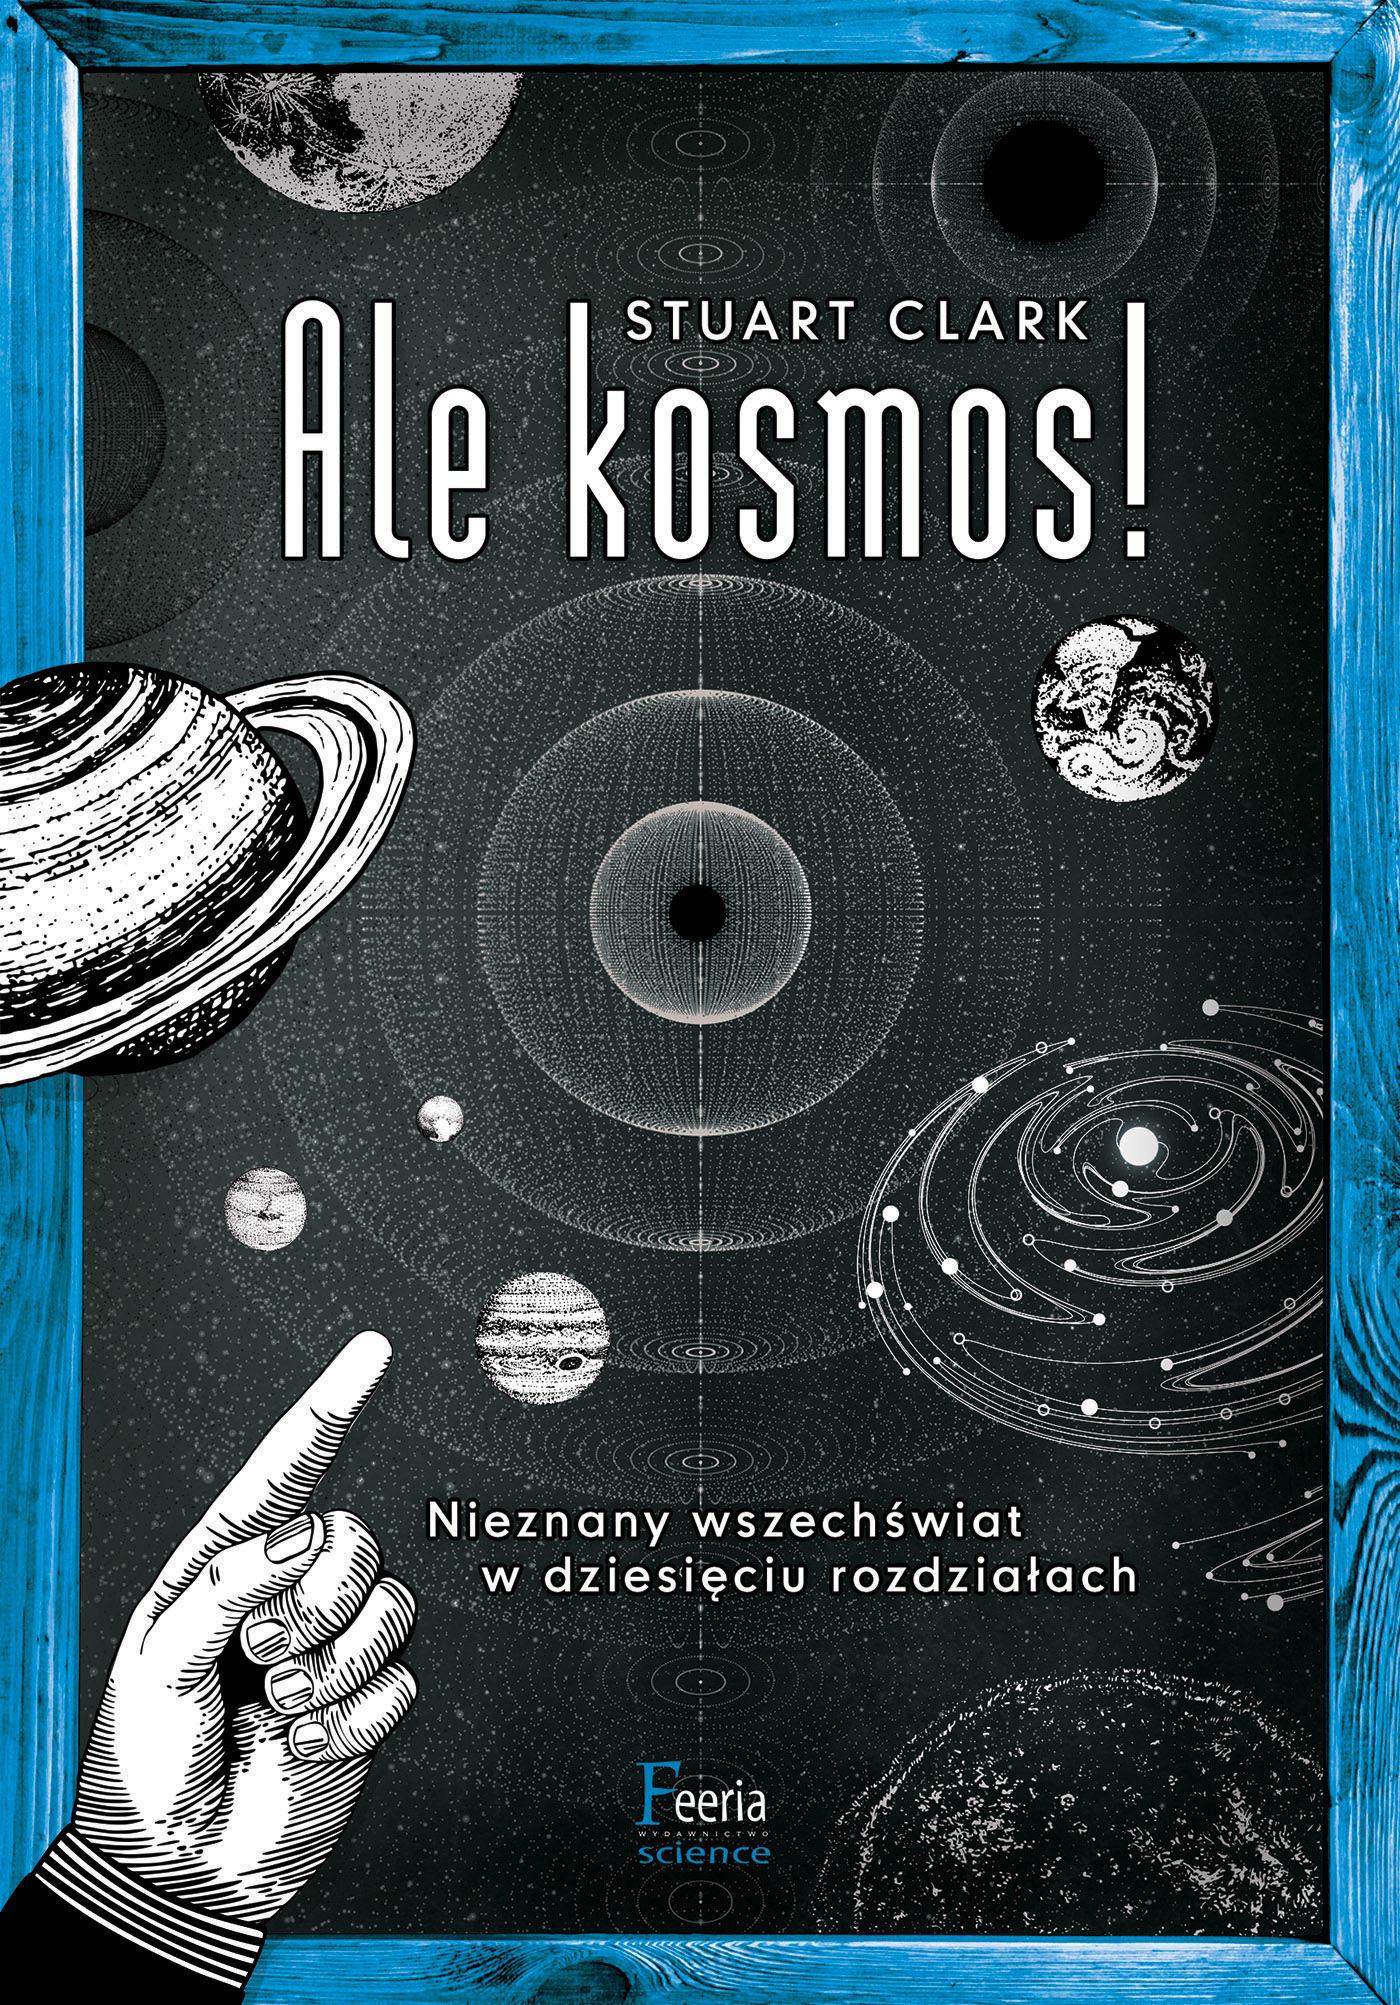 Ale kosmos! - Stuart Clark - ebook